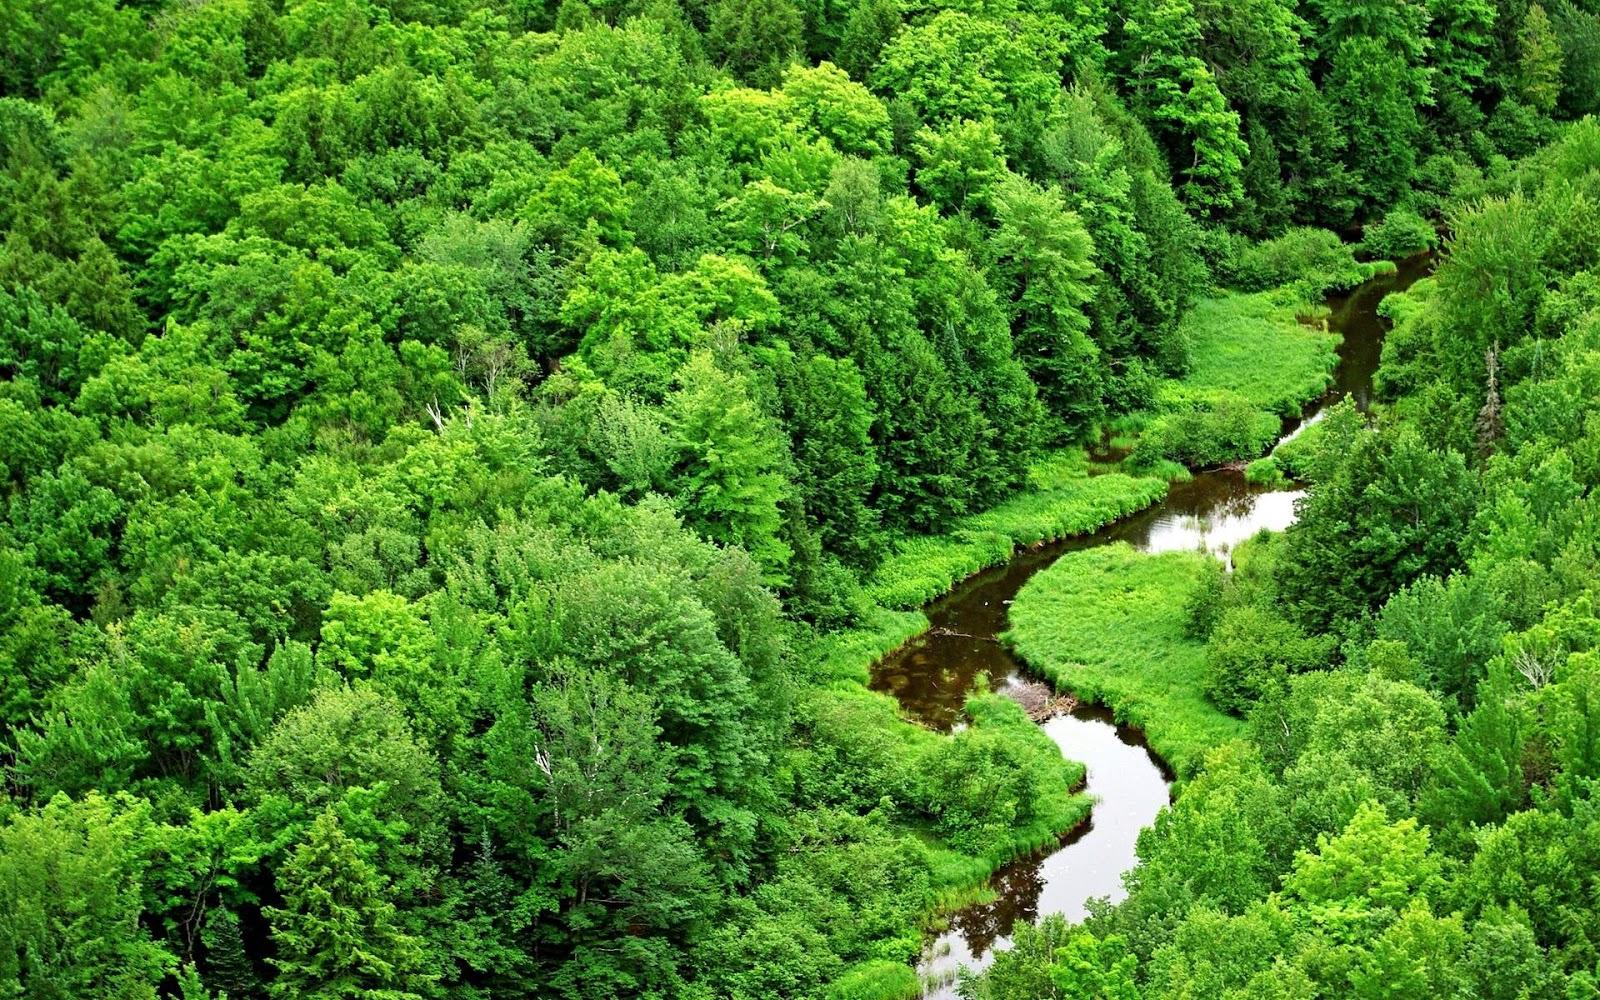 http://3.bp.blogspot.com/-XwpP0rQ0sdk/TtHbDFMlVVI/AAAAAAAABf8/e7YrOkQ1Tq0/s1600/amazon-river1.jpg